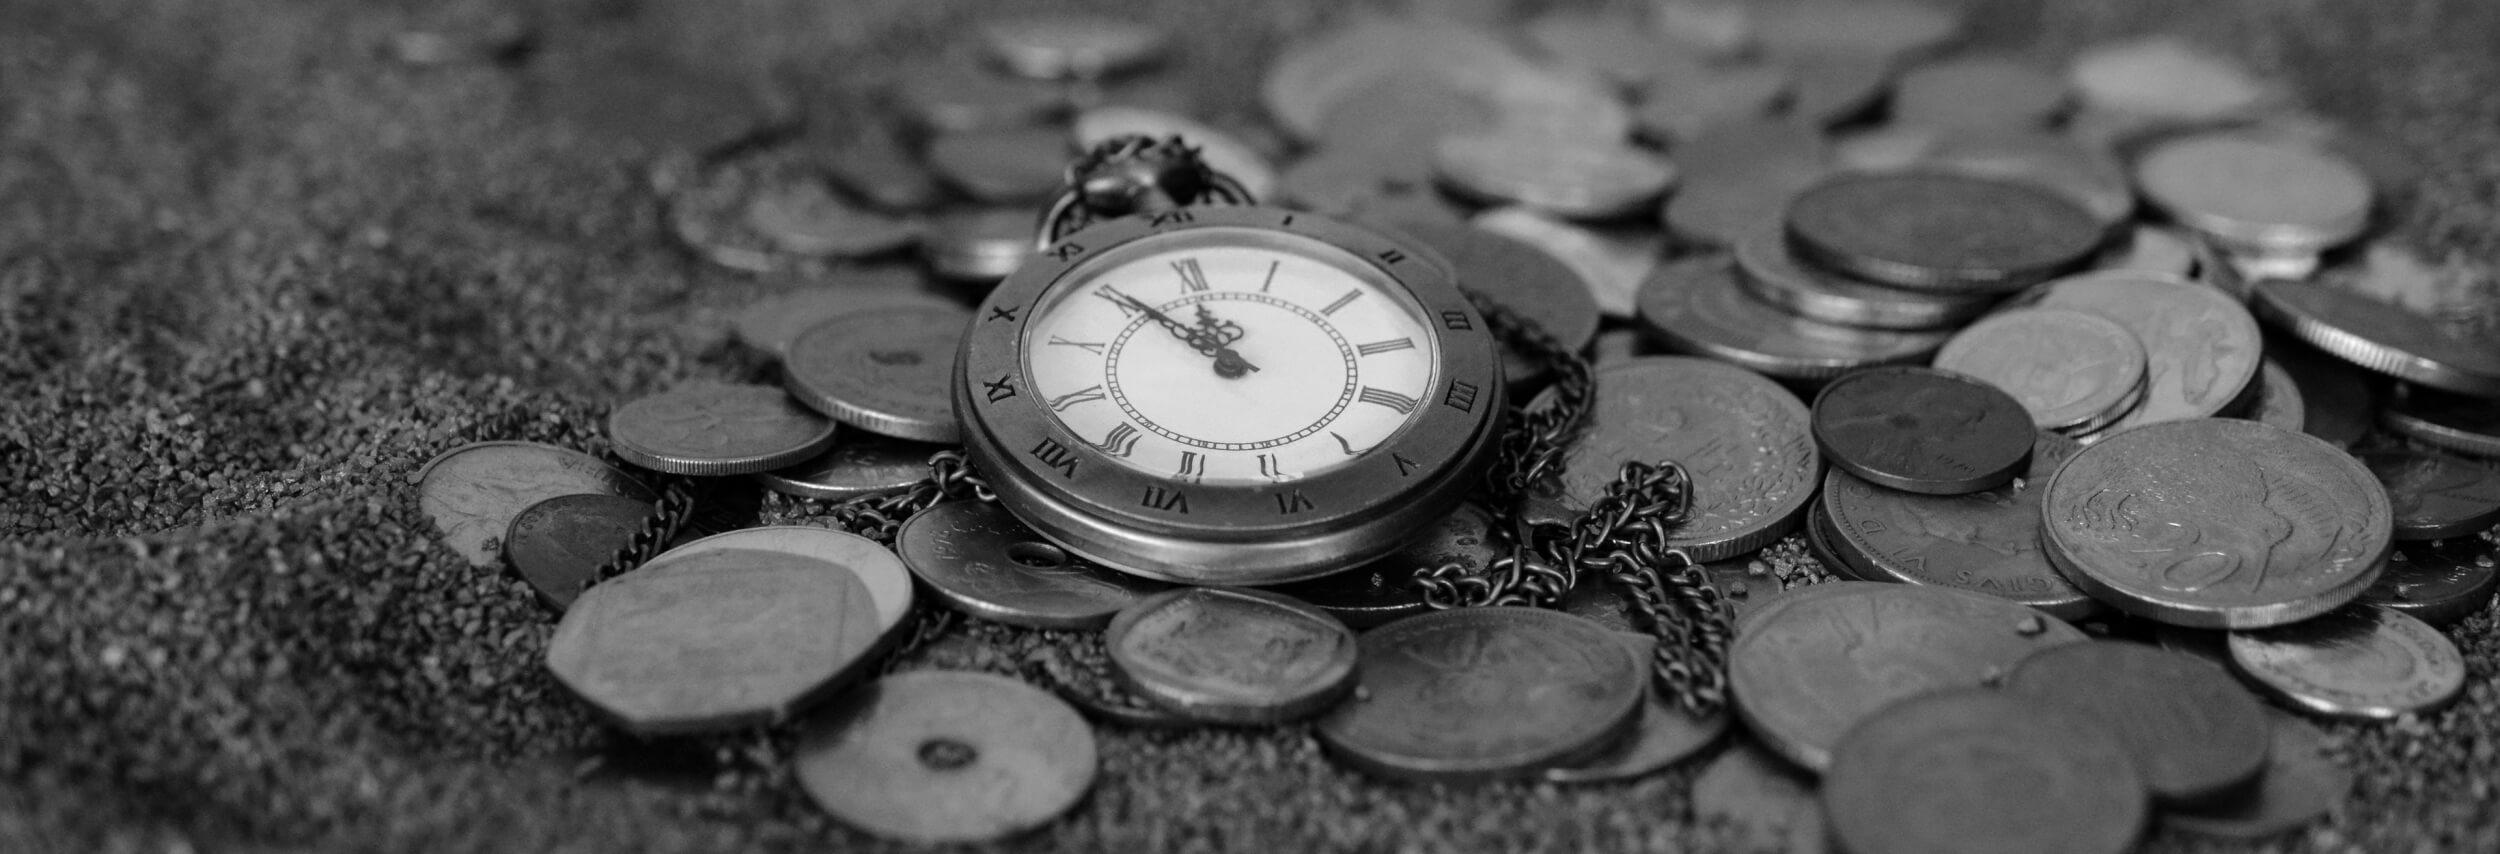 Zeit ist Geld (c) annca / pixabay.de